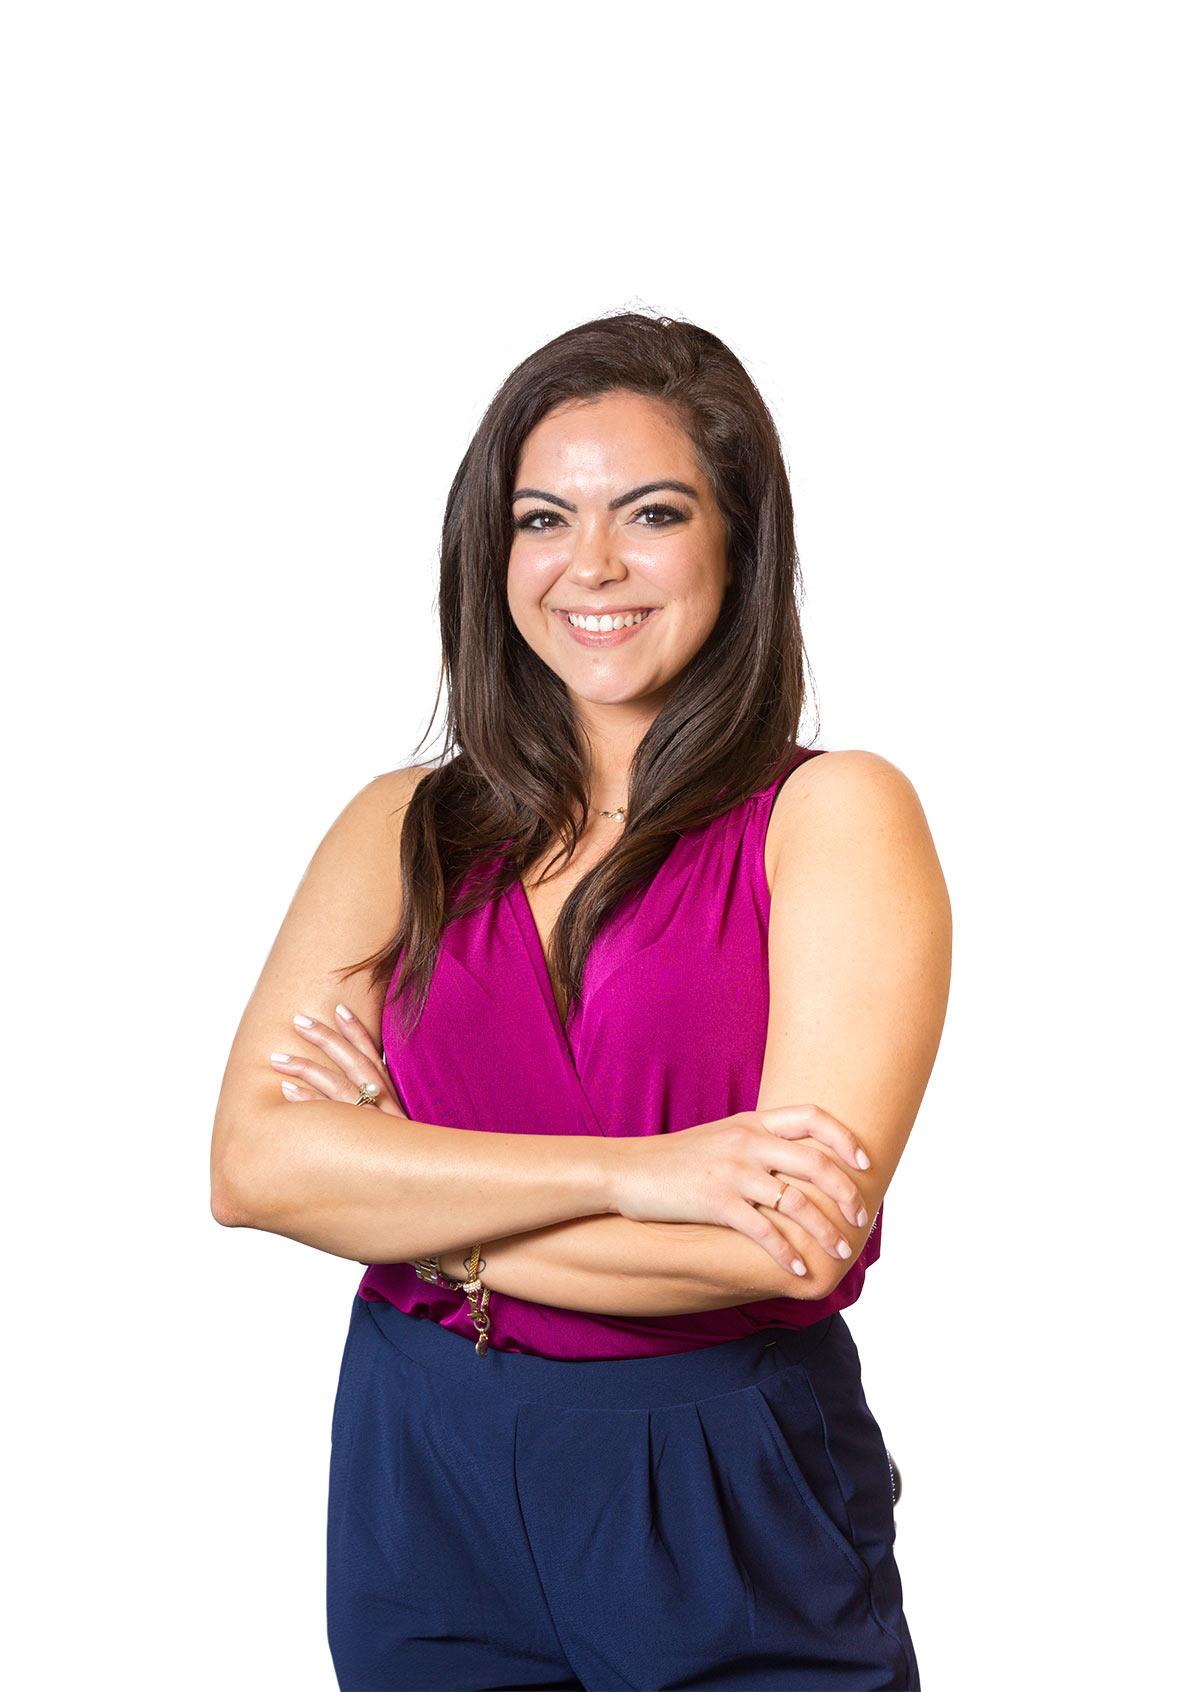 Samantha Pacheco